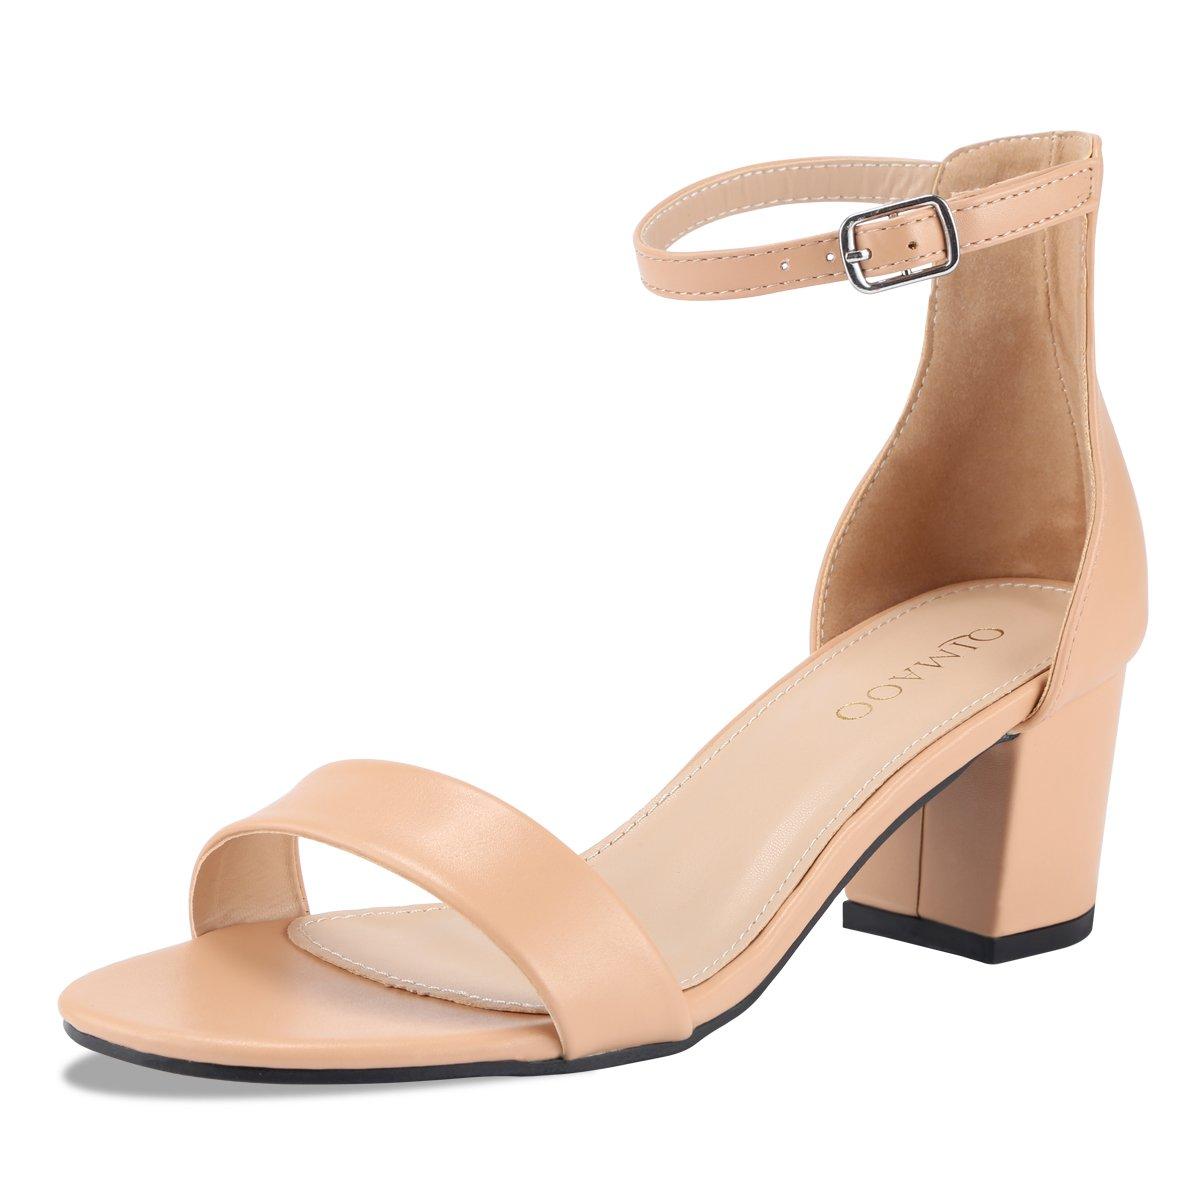 Qimaoo Femme Chaussures Été Sandales à Talon Carré, Carré, Chaussures Soirée à Haut Talon de 6cm pour Mariage Soirée Fête Chair f3ddc0b - latesttechnology.space